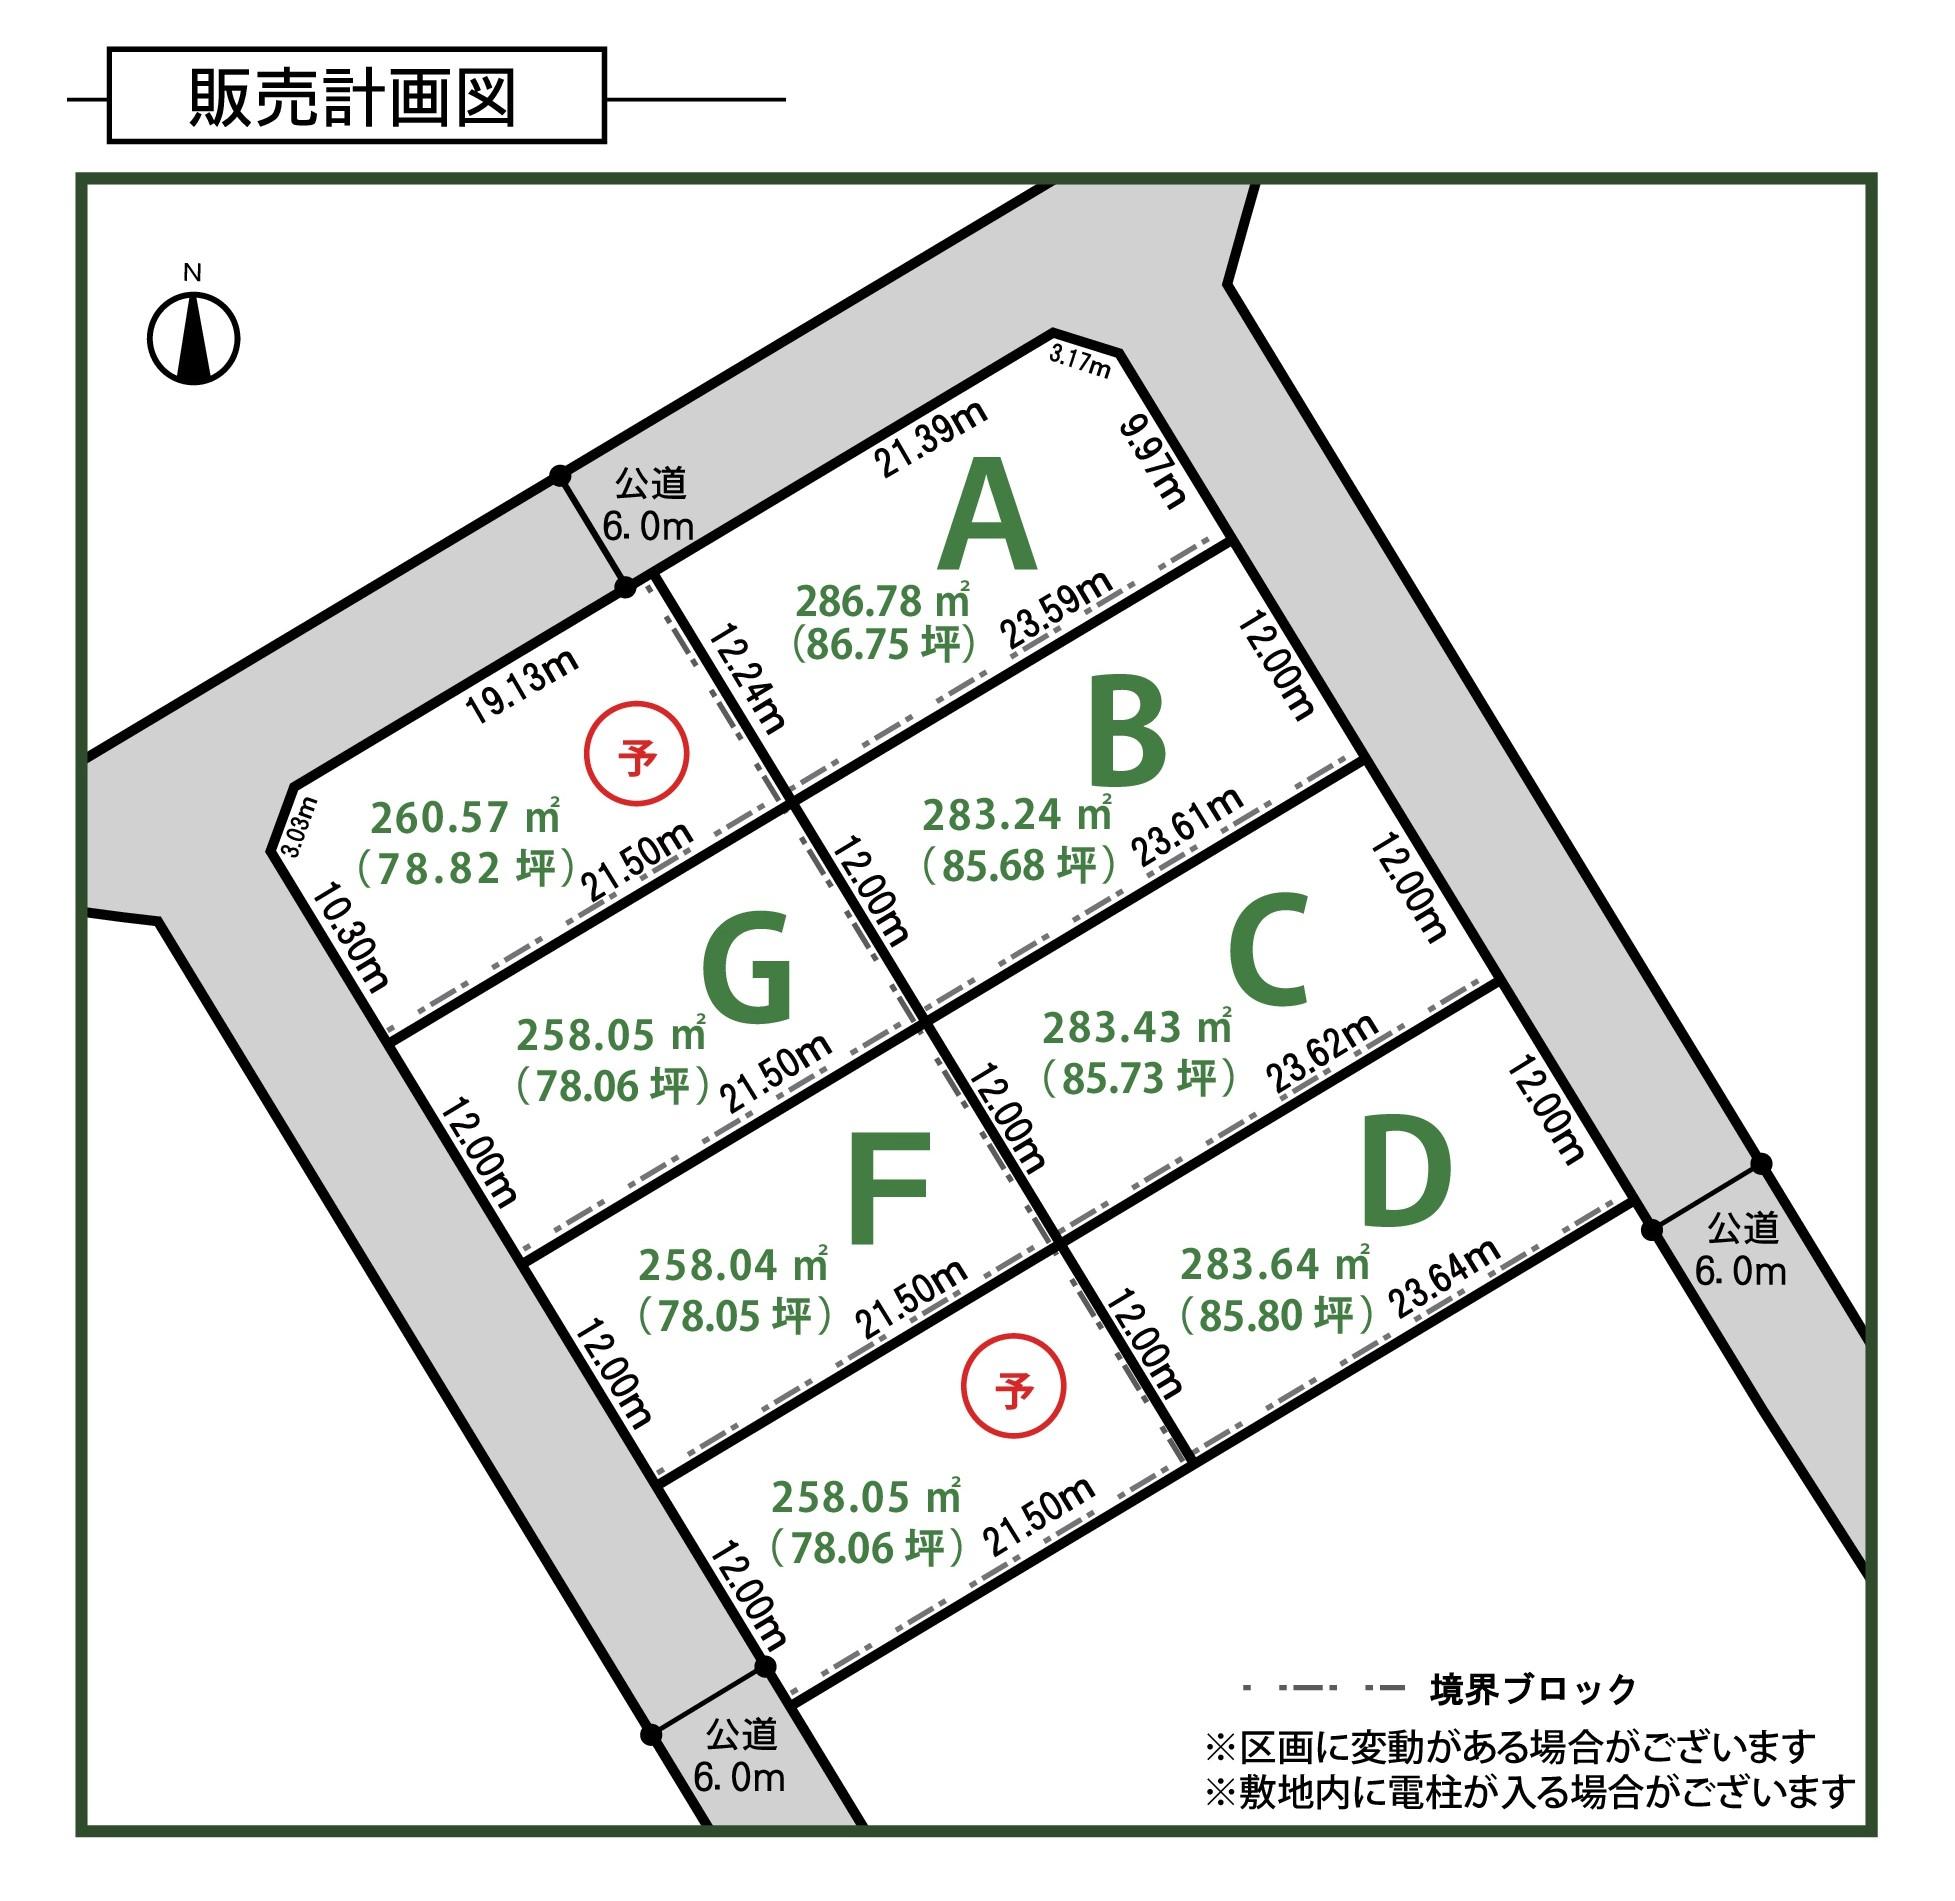 【土地販売情報】古河市駒羽根 分譲販売開始しました!